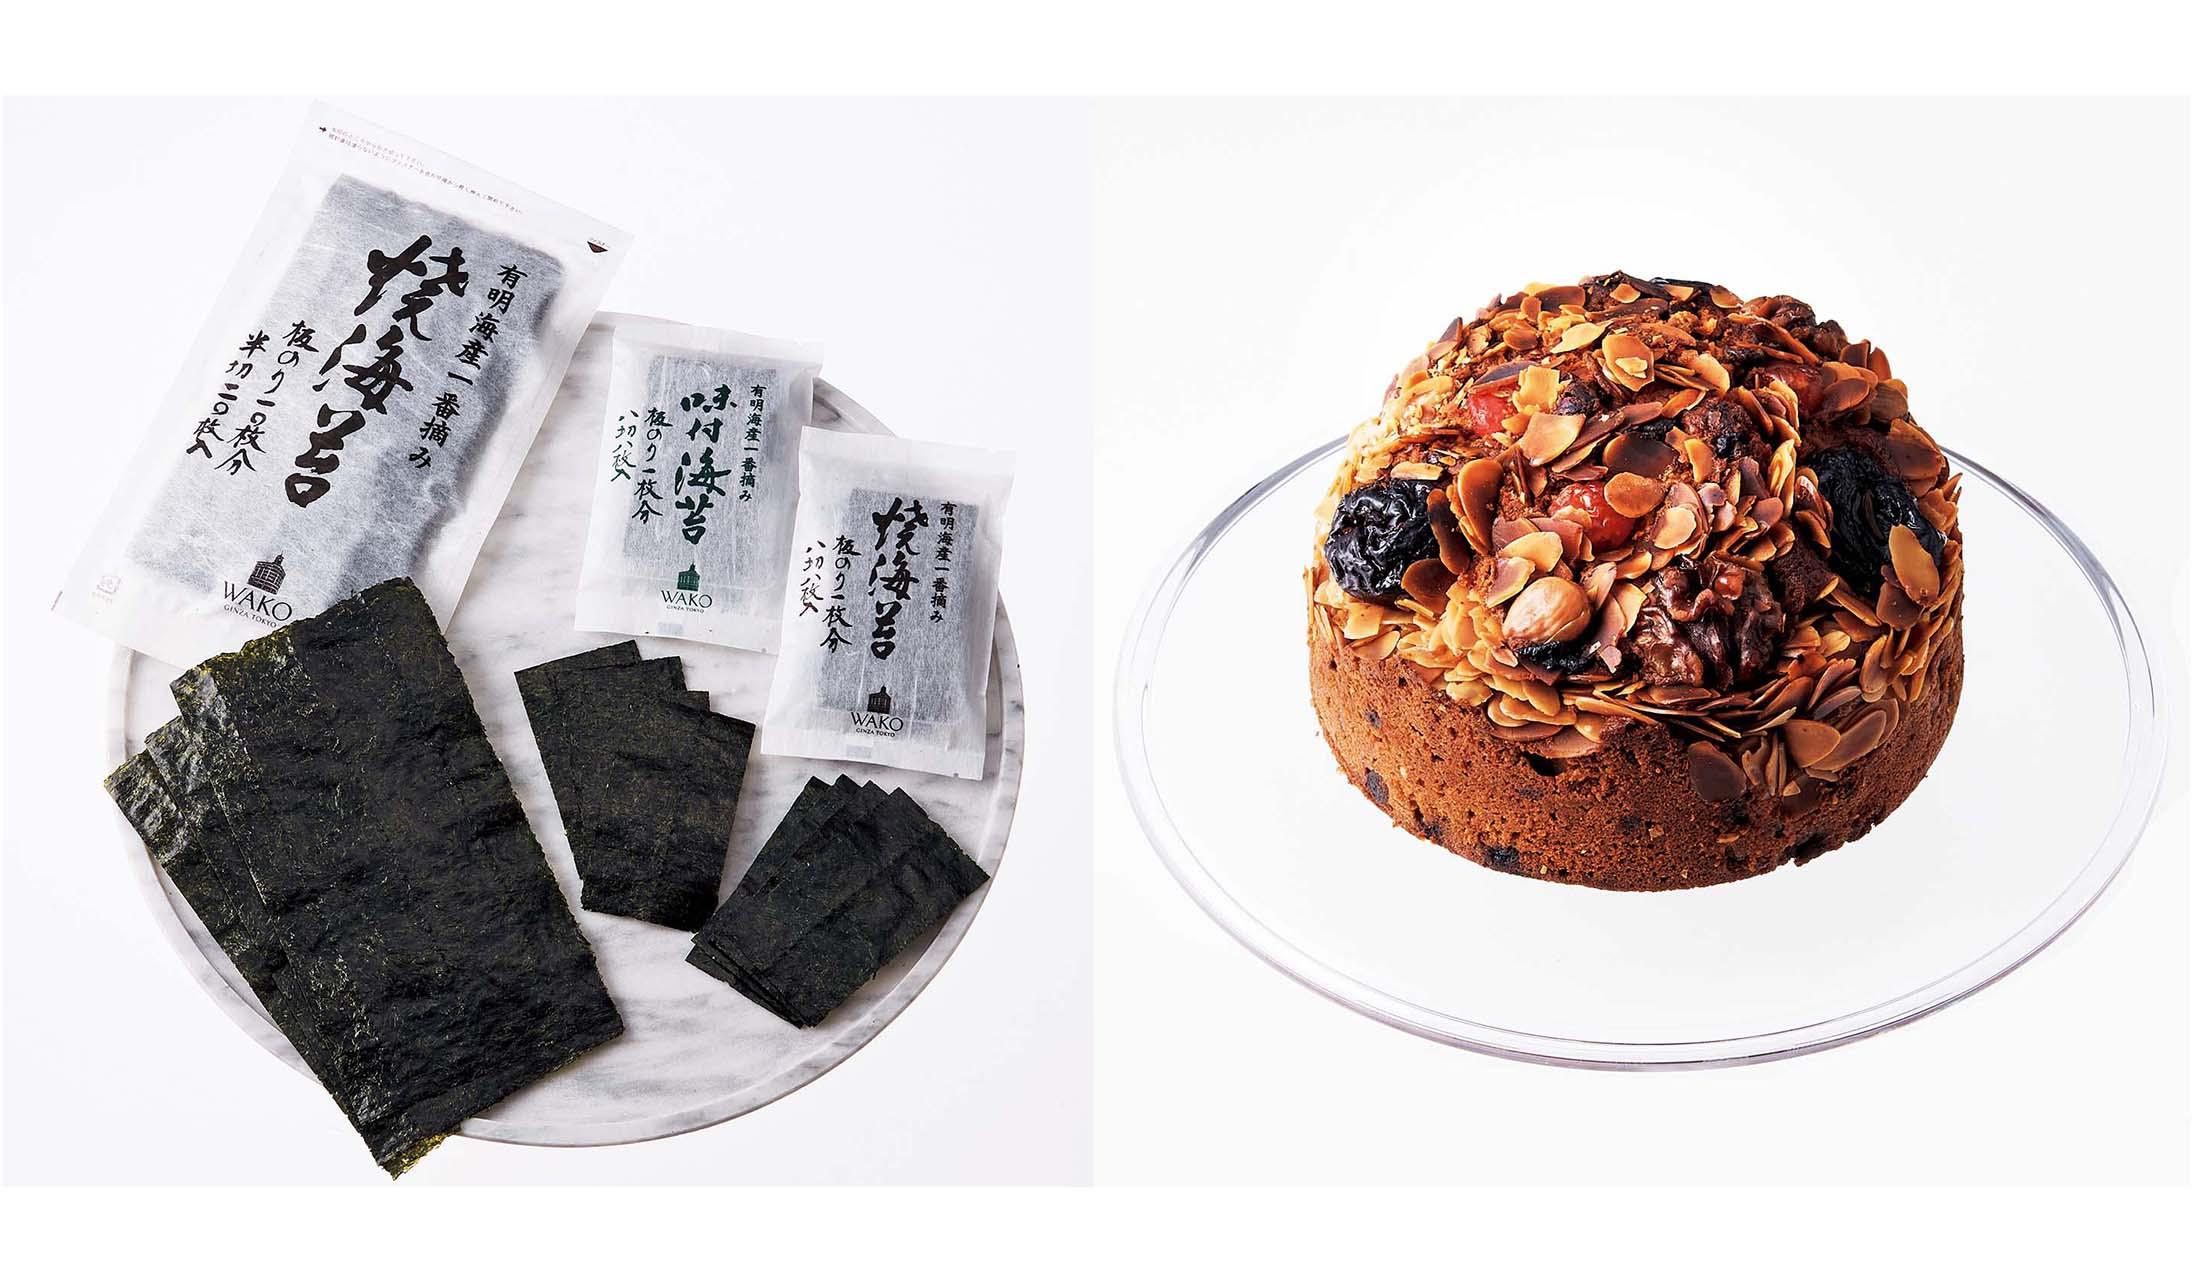 和光の焼海苔、味付海苔詰合せとコニャックケーキ ラ ネロル